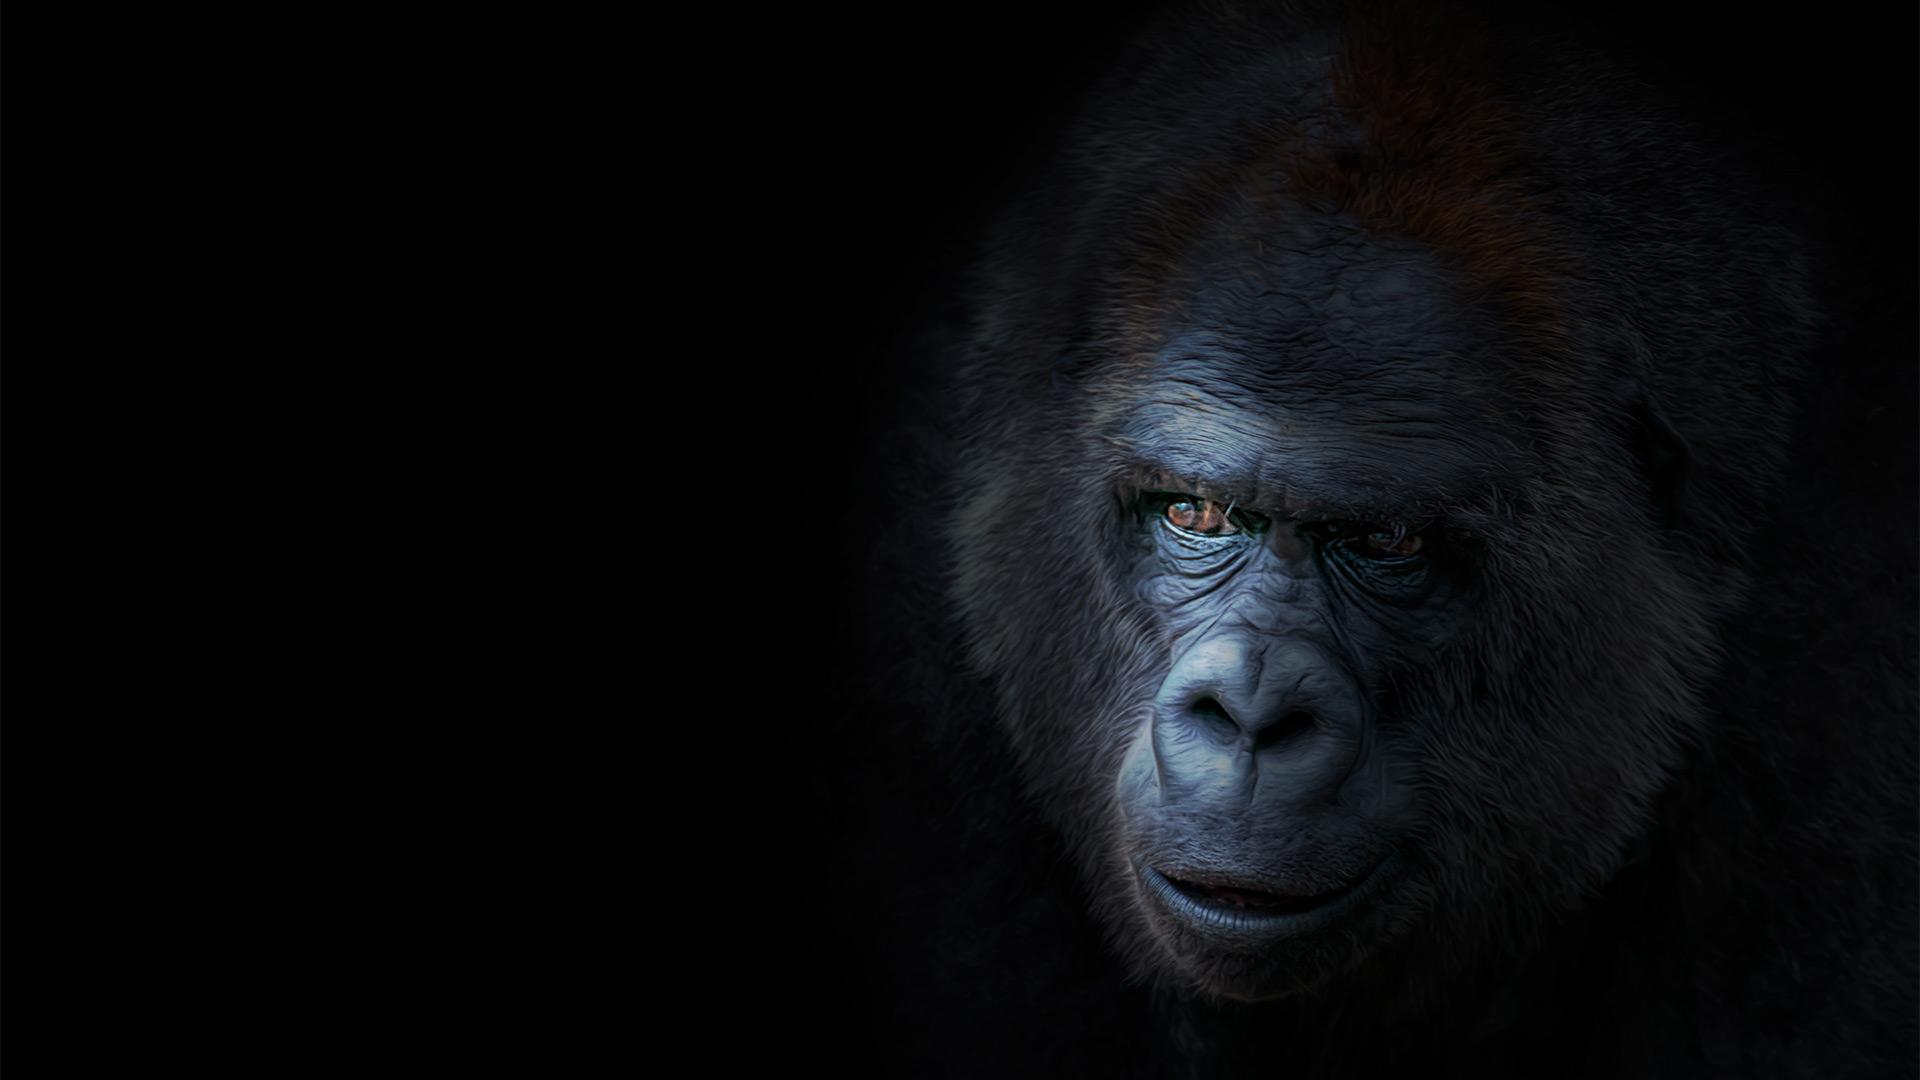 Красивые фото и картинки гориллы - подборка 16 фотографий 7